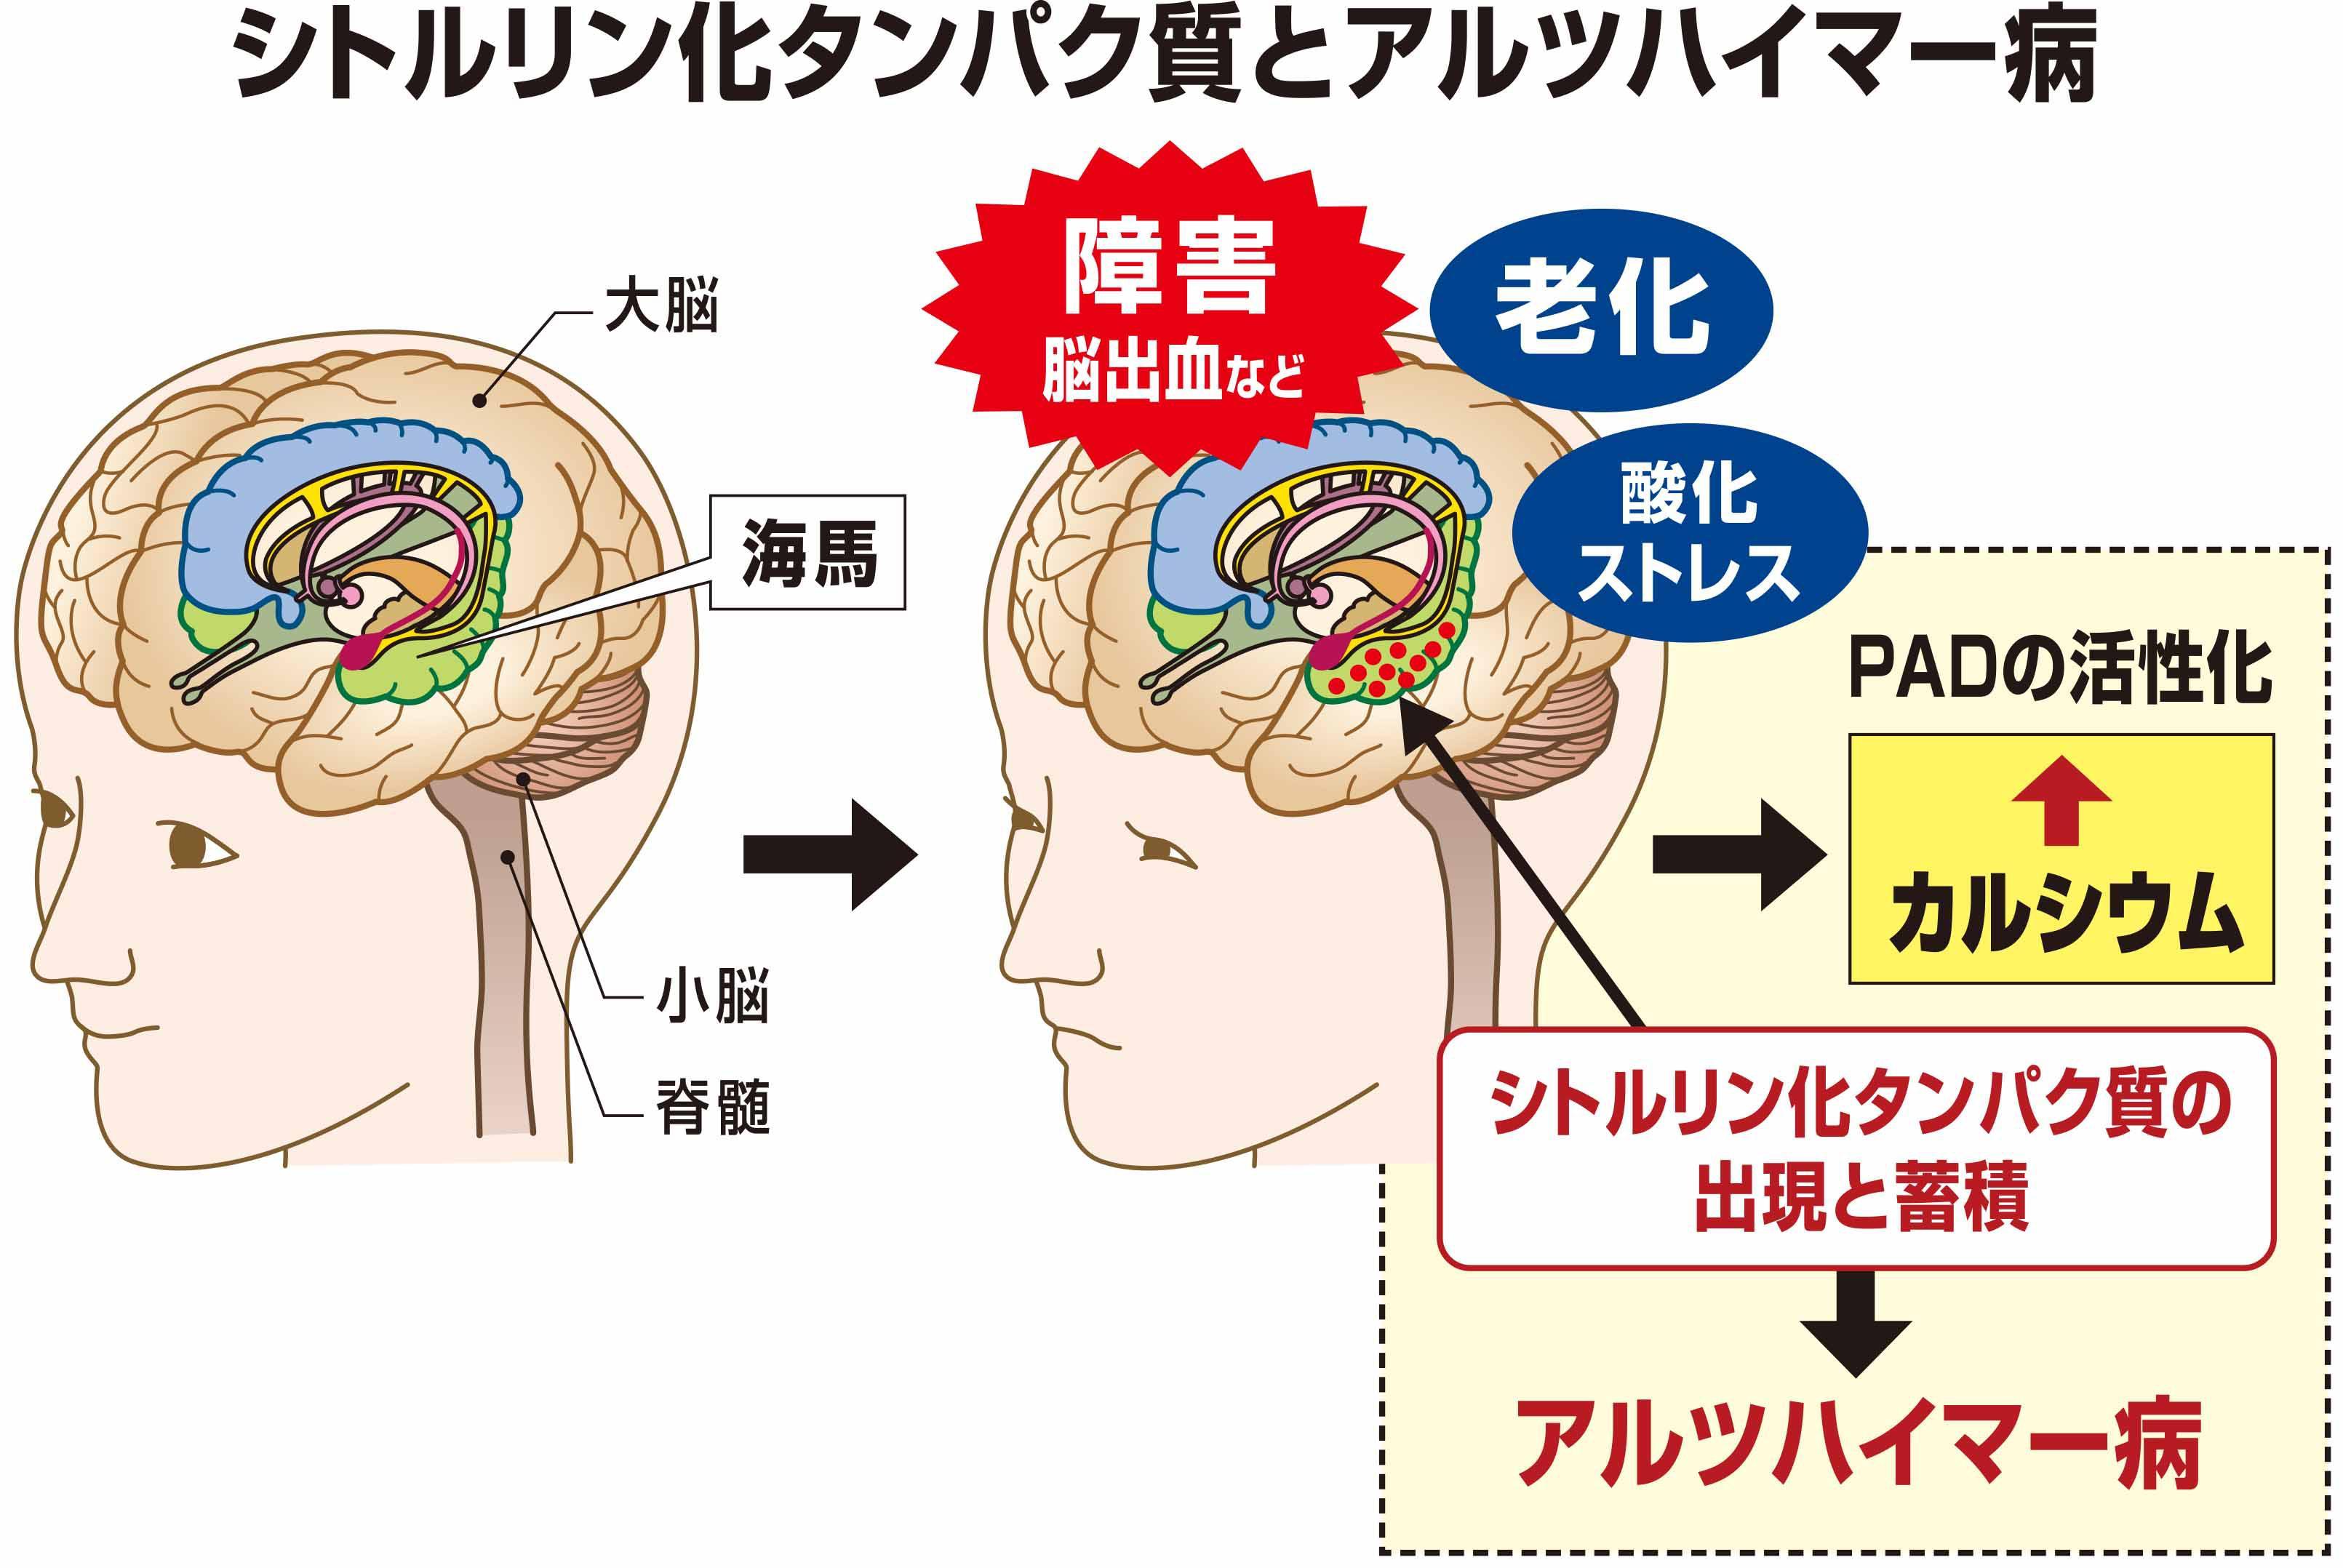 シトルリン化タンパク質とアルツハイマー病.jpg